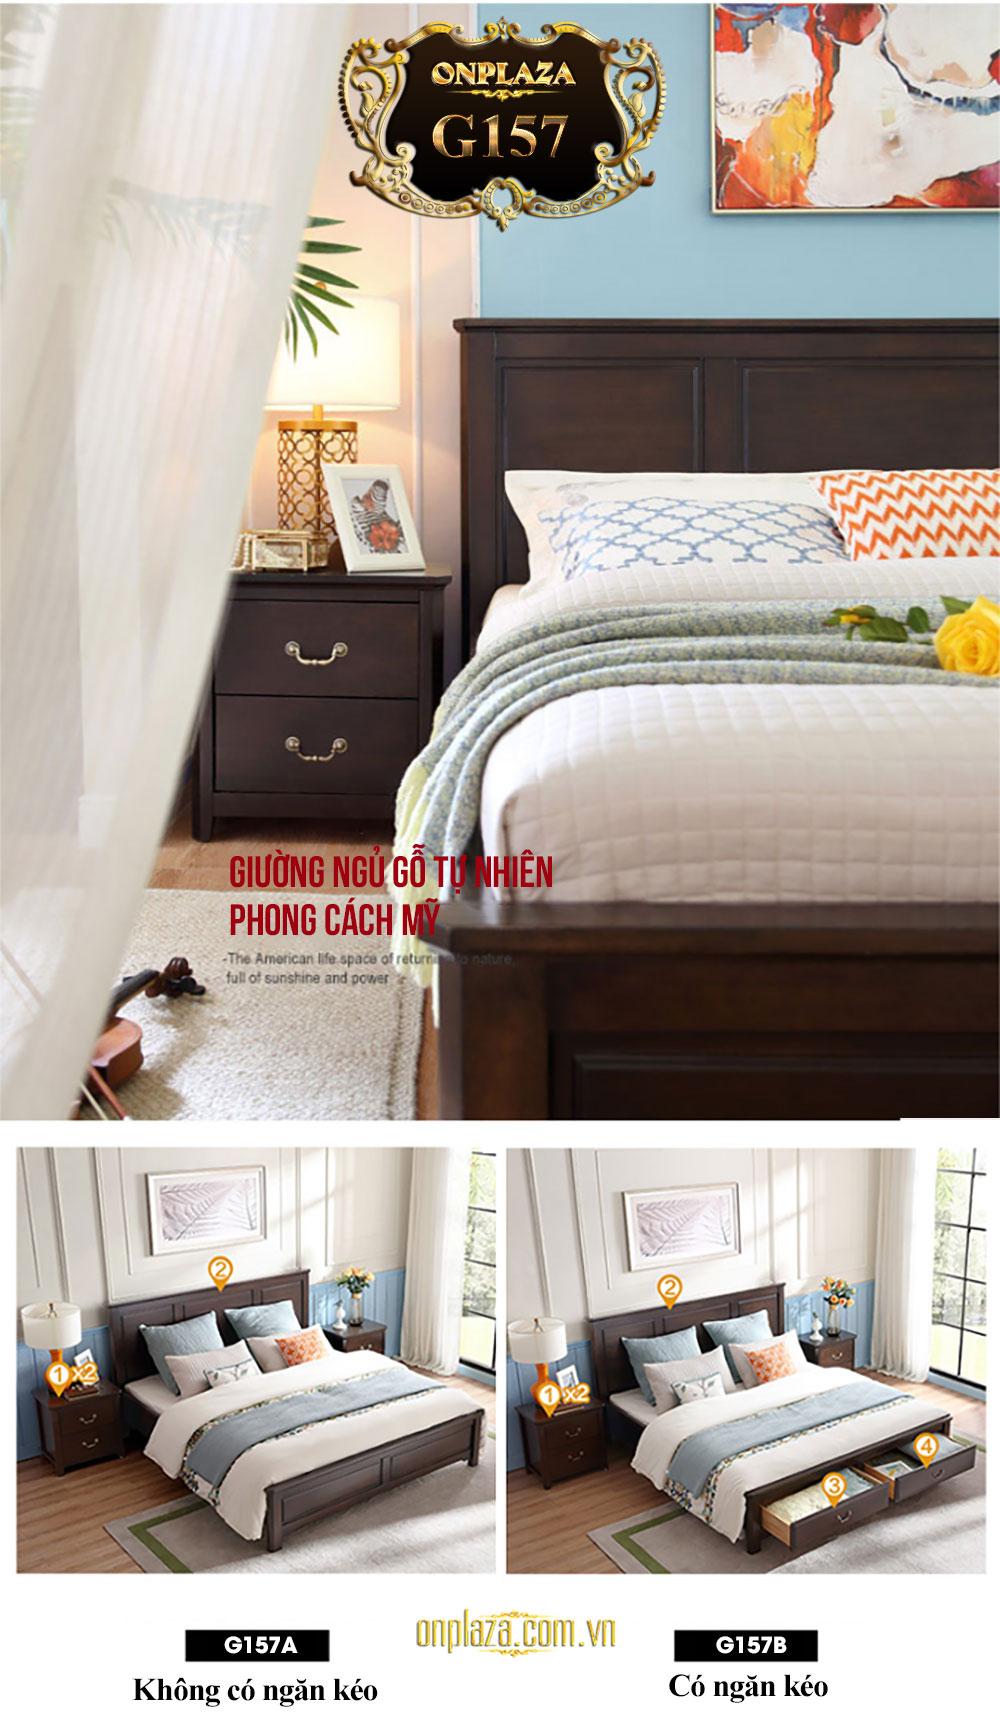 Bộ giường ngủ gỗ tự nhiên phong cách Mỹ hiện đại (loại không có ngăn kéo) G157